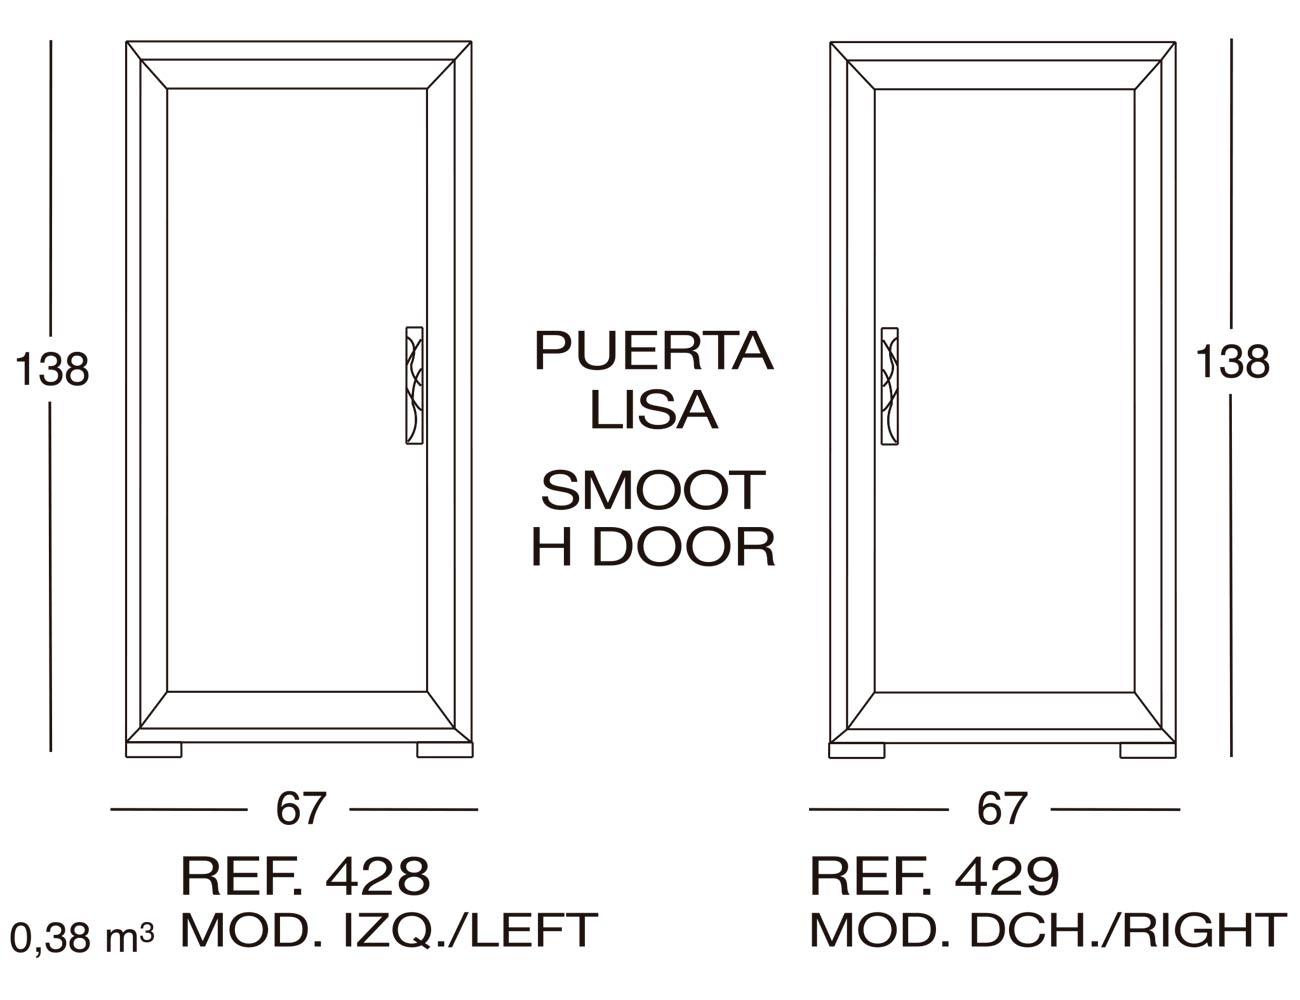 Modulo izdo puerta estriado dm 428